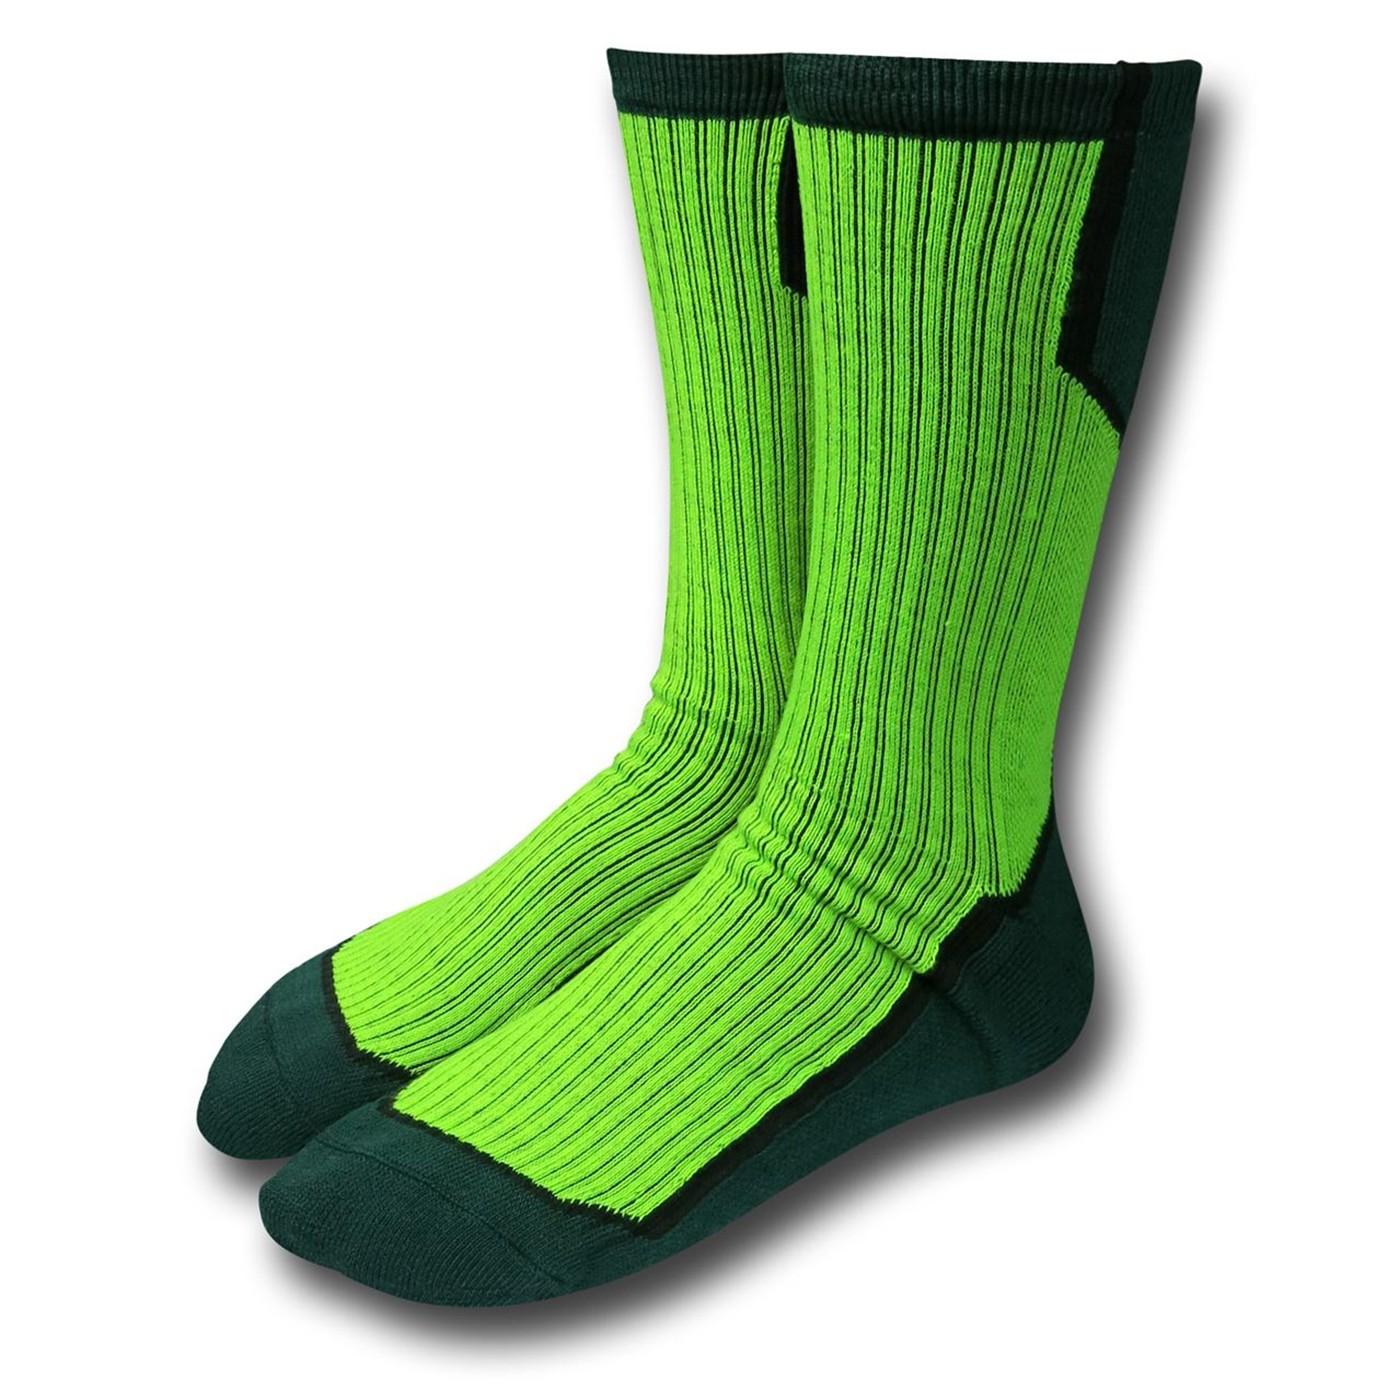 TMNT Ninja Athletic Socks